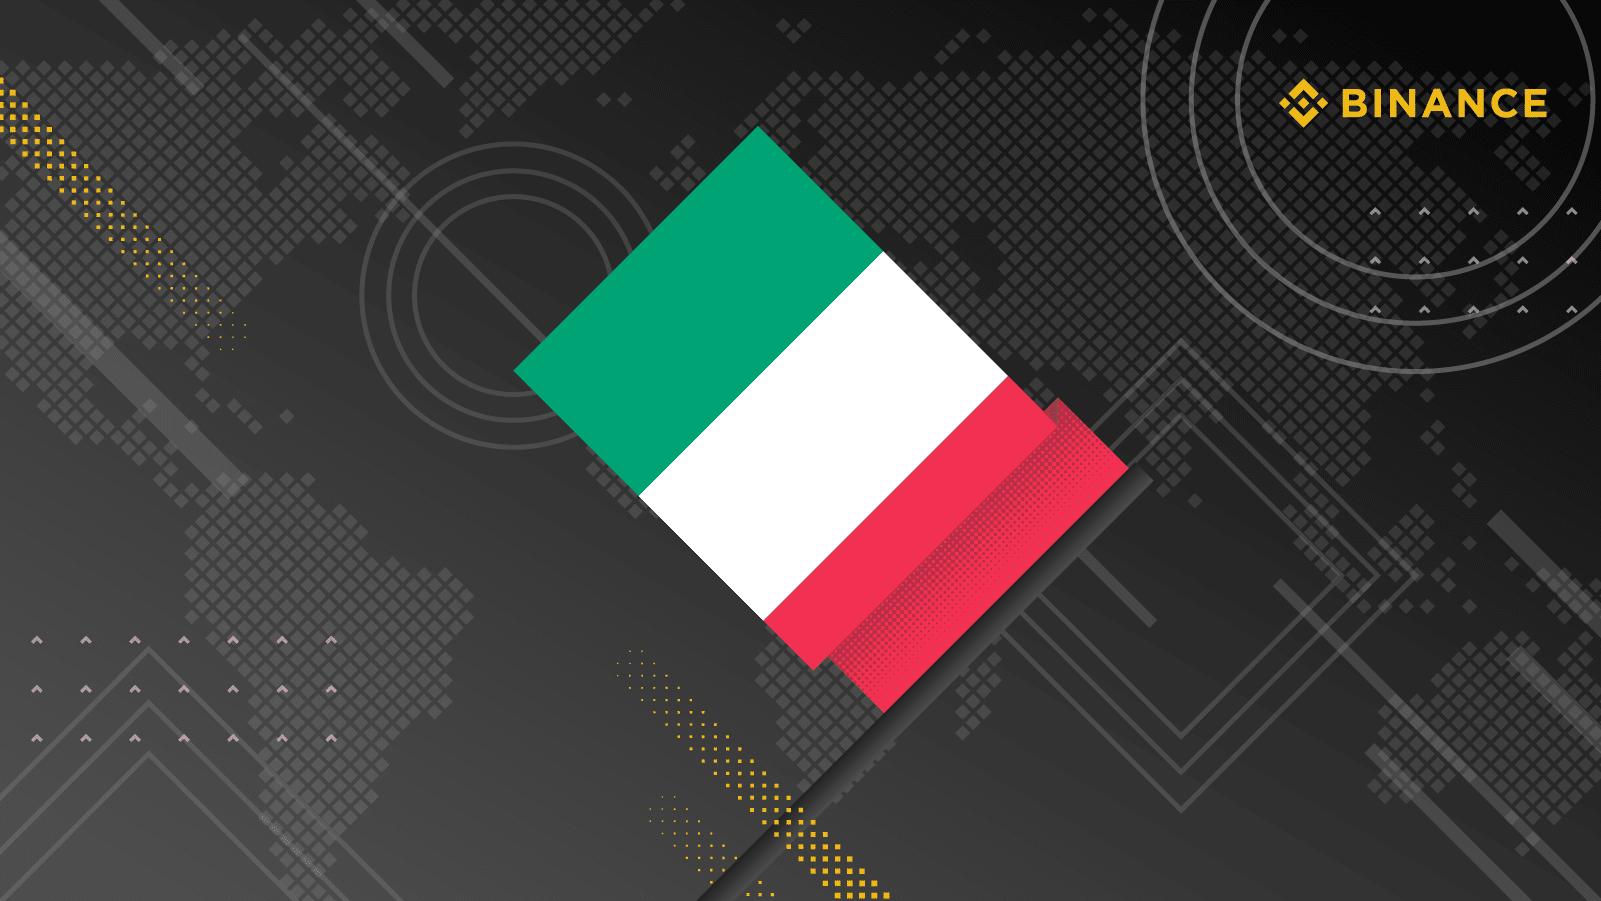 İtalya Binance